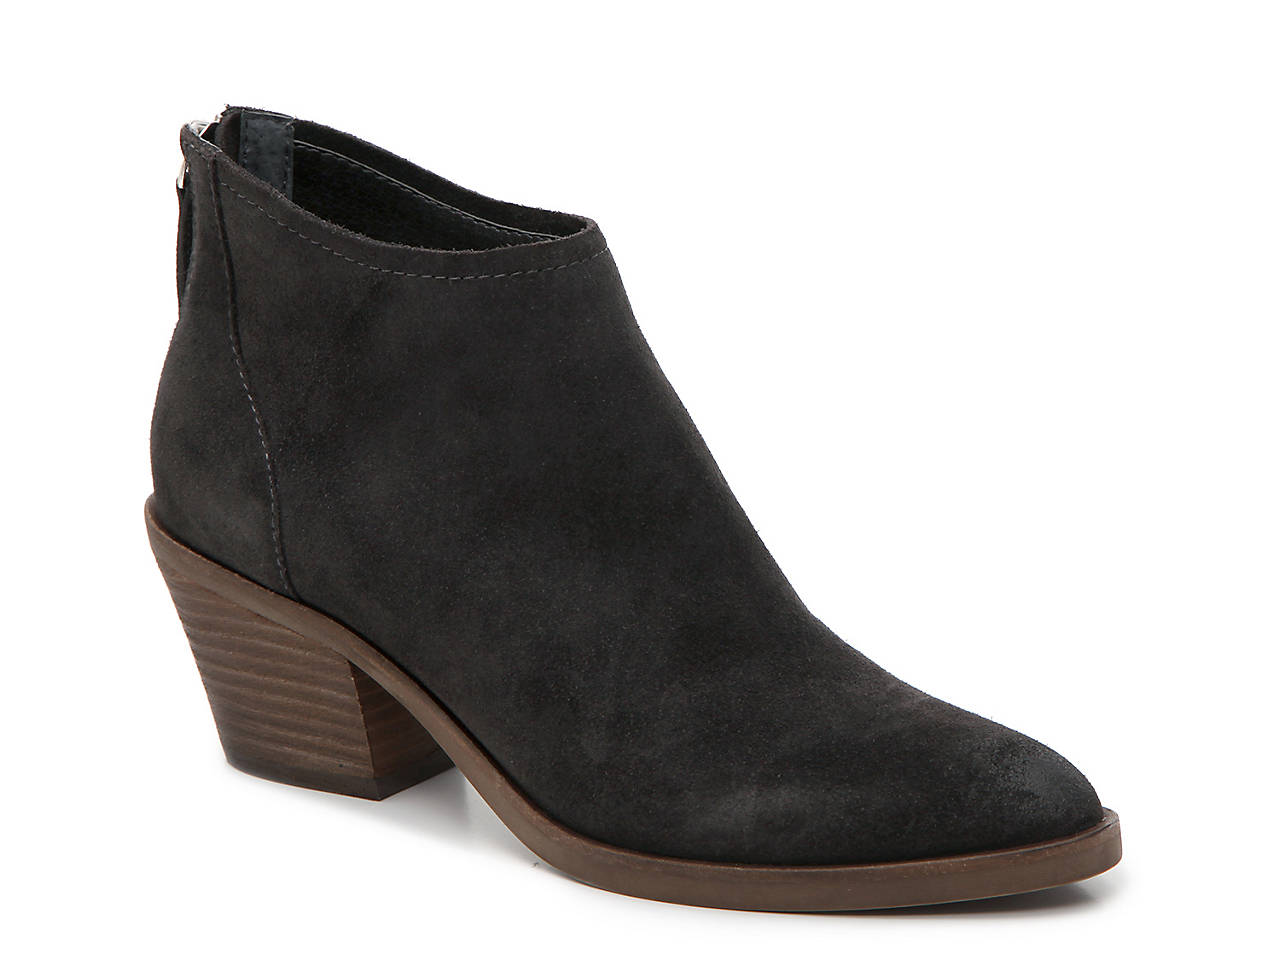 e5e80a2cc91 Dolce Vita Elisa Bootie Women's Shoes | DSW